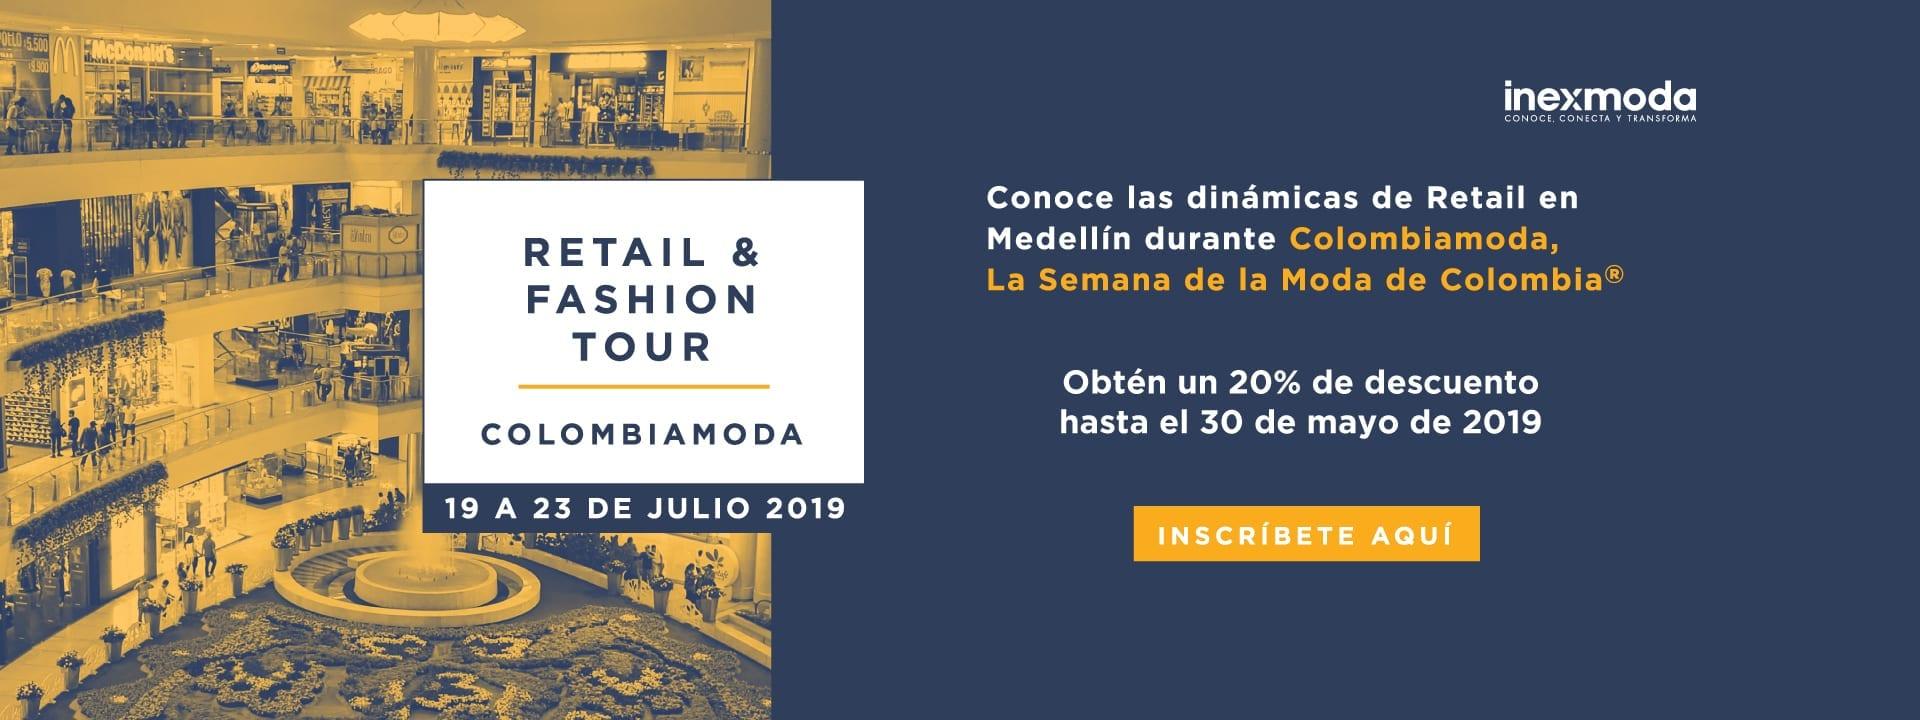 retail-fashion-tour